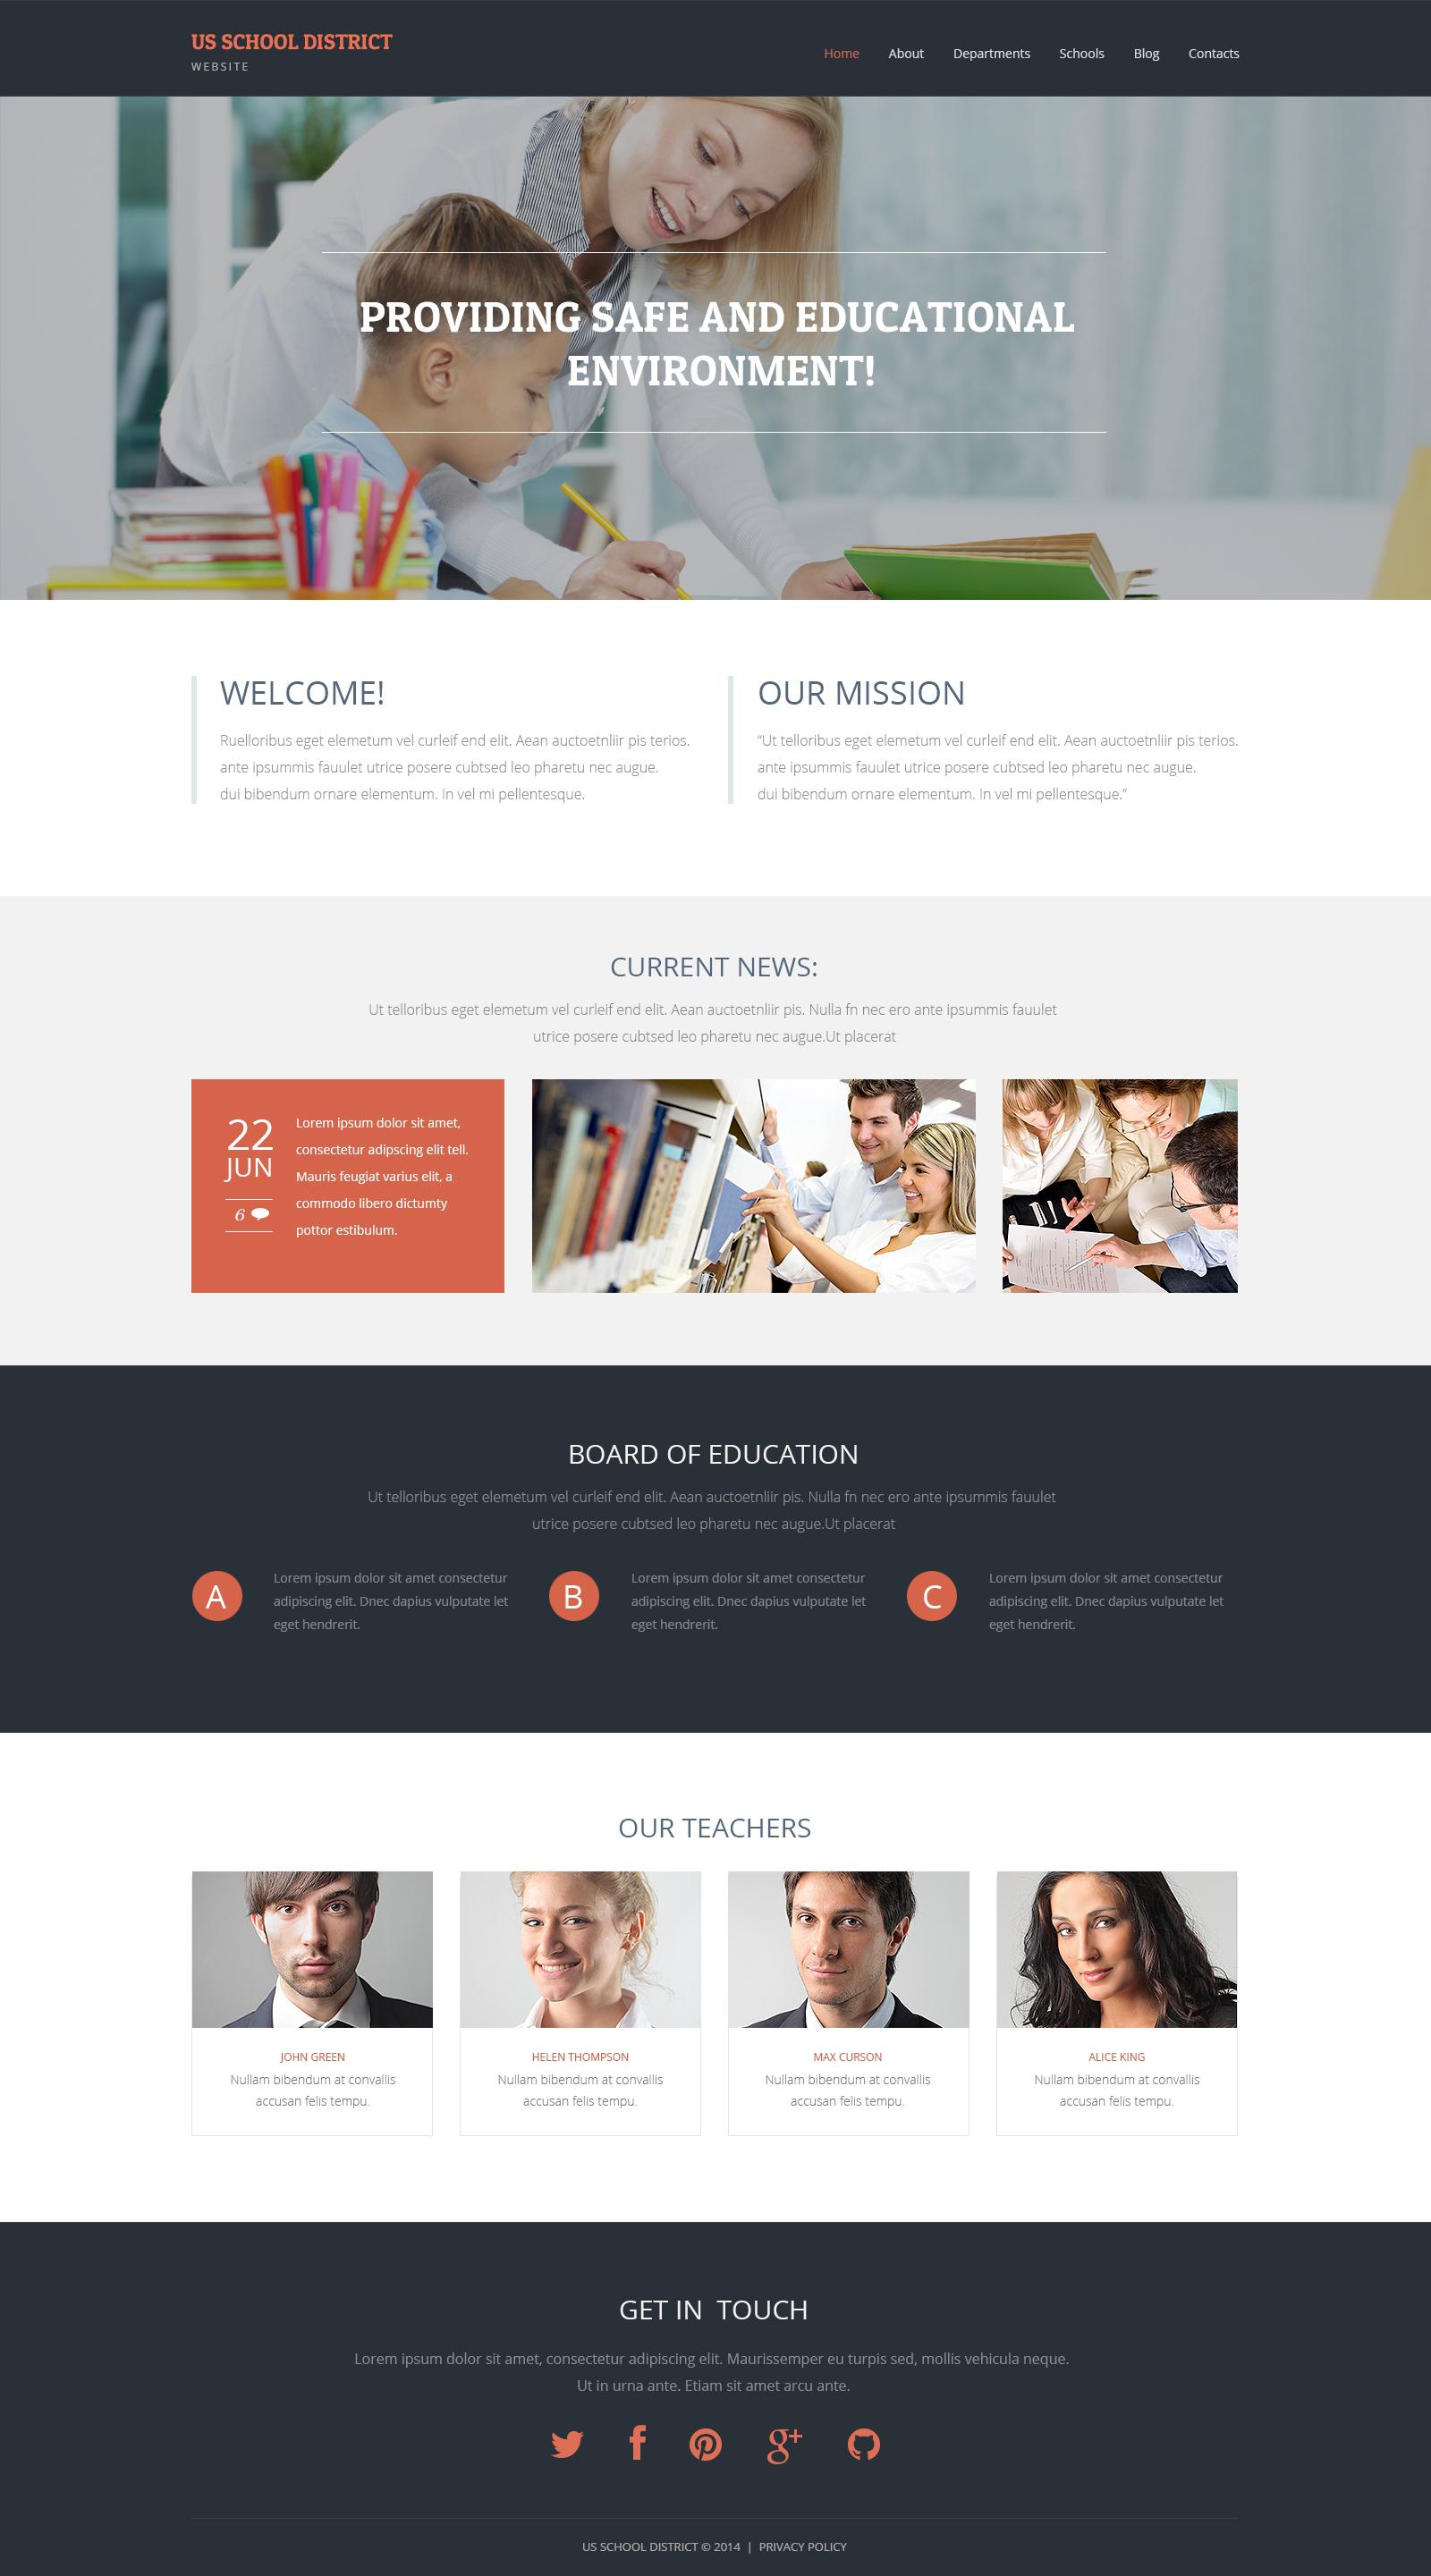 Thème WordPress adaptatif pour site d'école primaire #49081 - screenshot